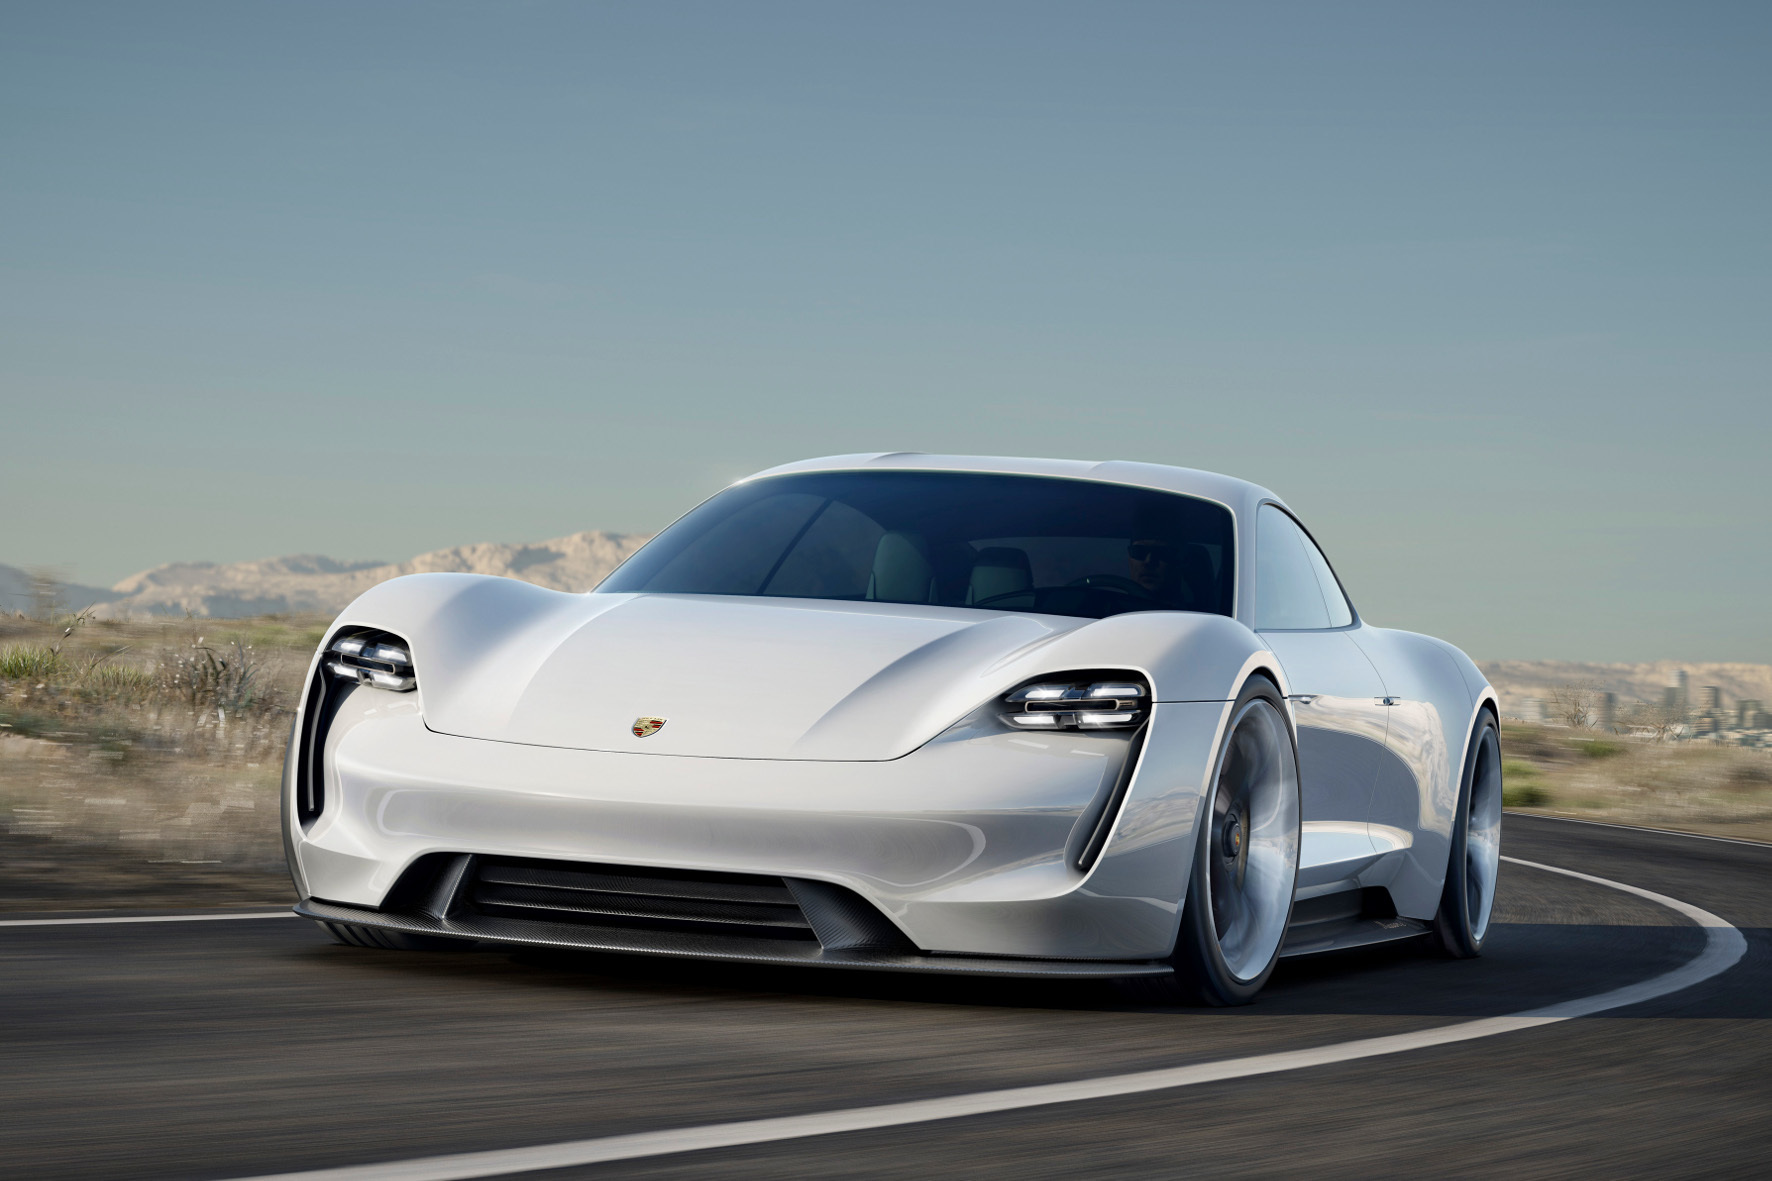 """mid Groß-Gerau - Porsches Traum vom rein elektrischen Sportwagen heißt """"Mission E"""". Ende des Jahrzehnts soll die mehr als 600 PS starke Studie Realität werden."""